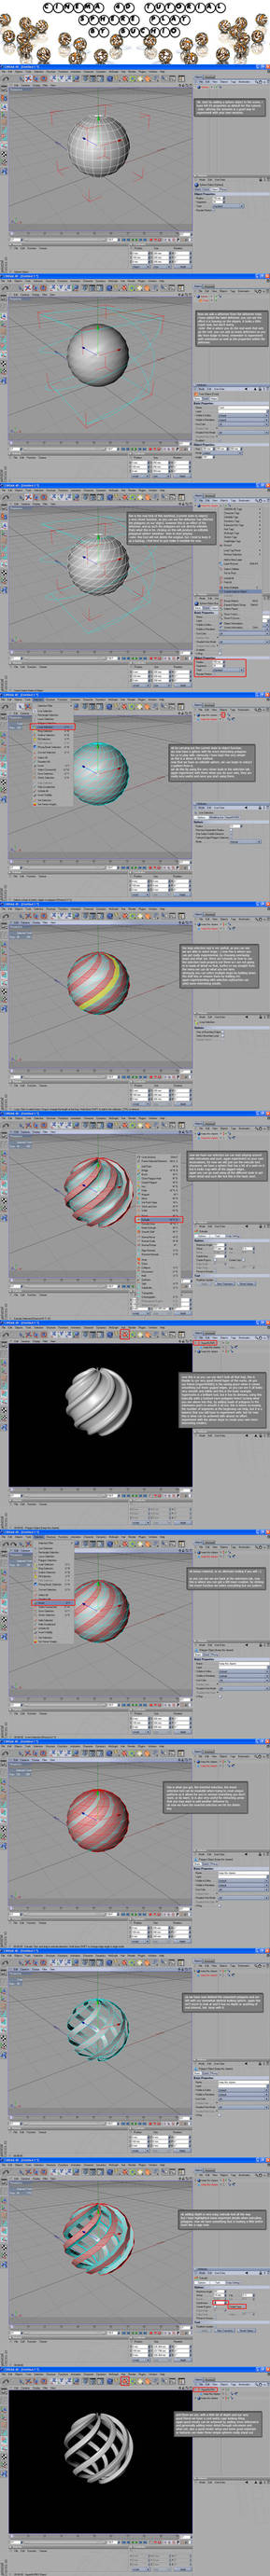 Making spheres